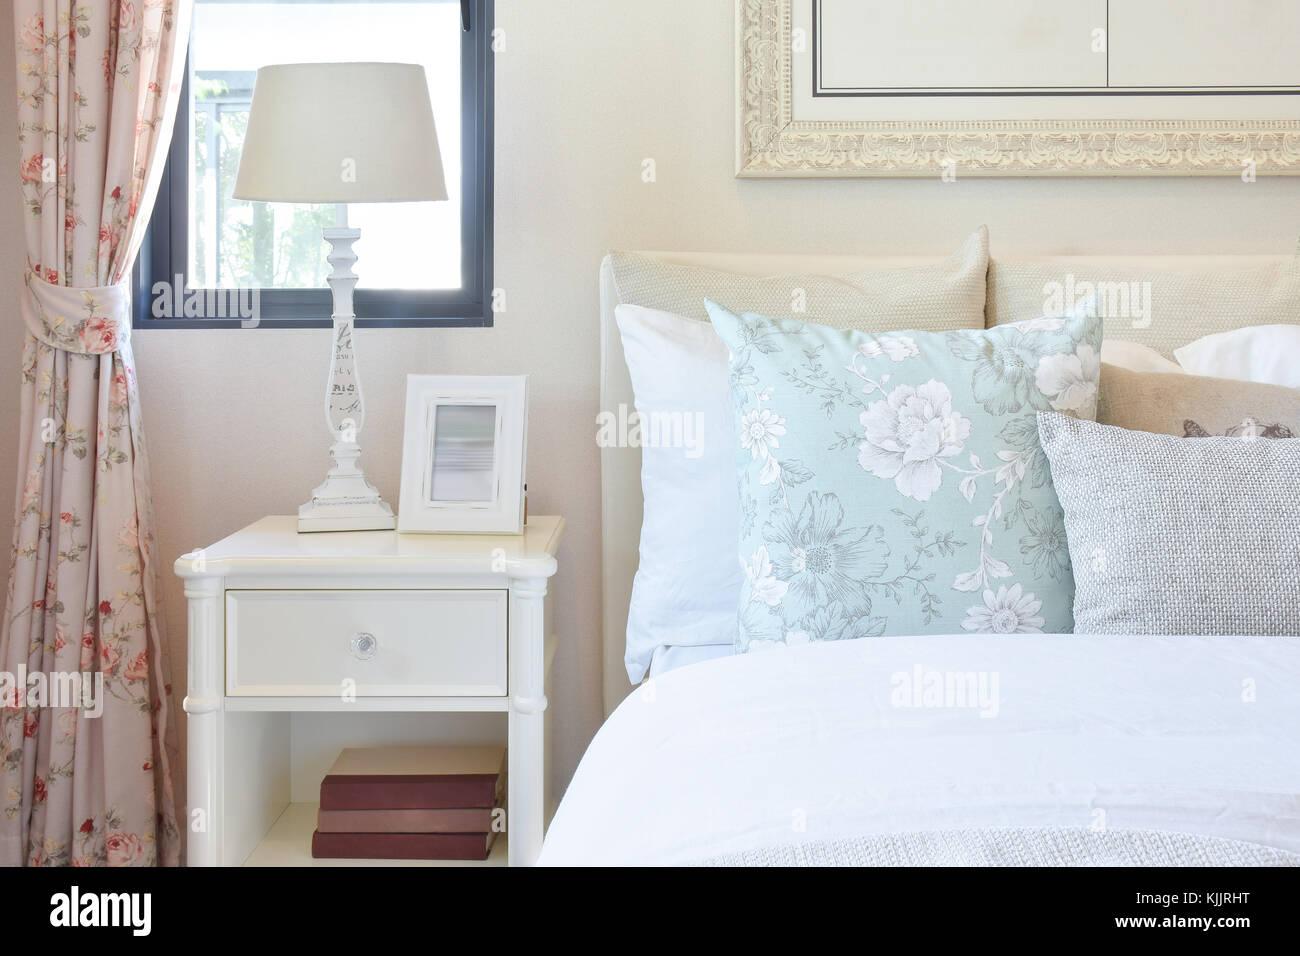 Vintage Schlafzimmer Innenraum Mit Leselampe Und Bilderrahmen Auf